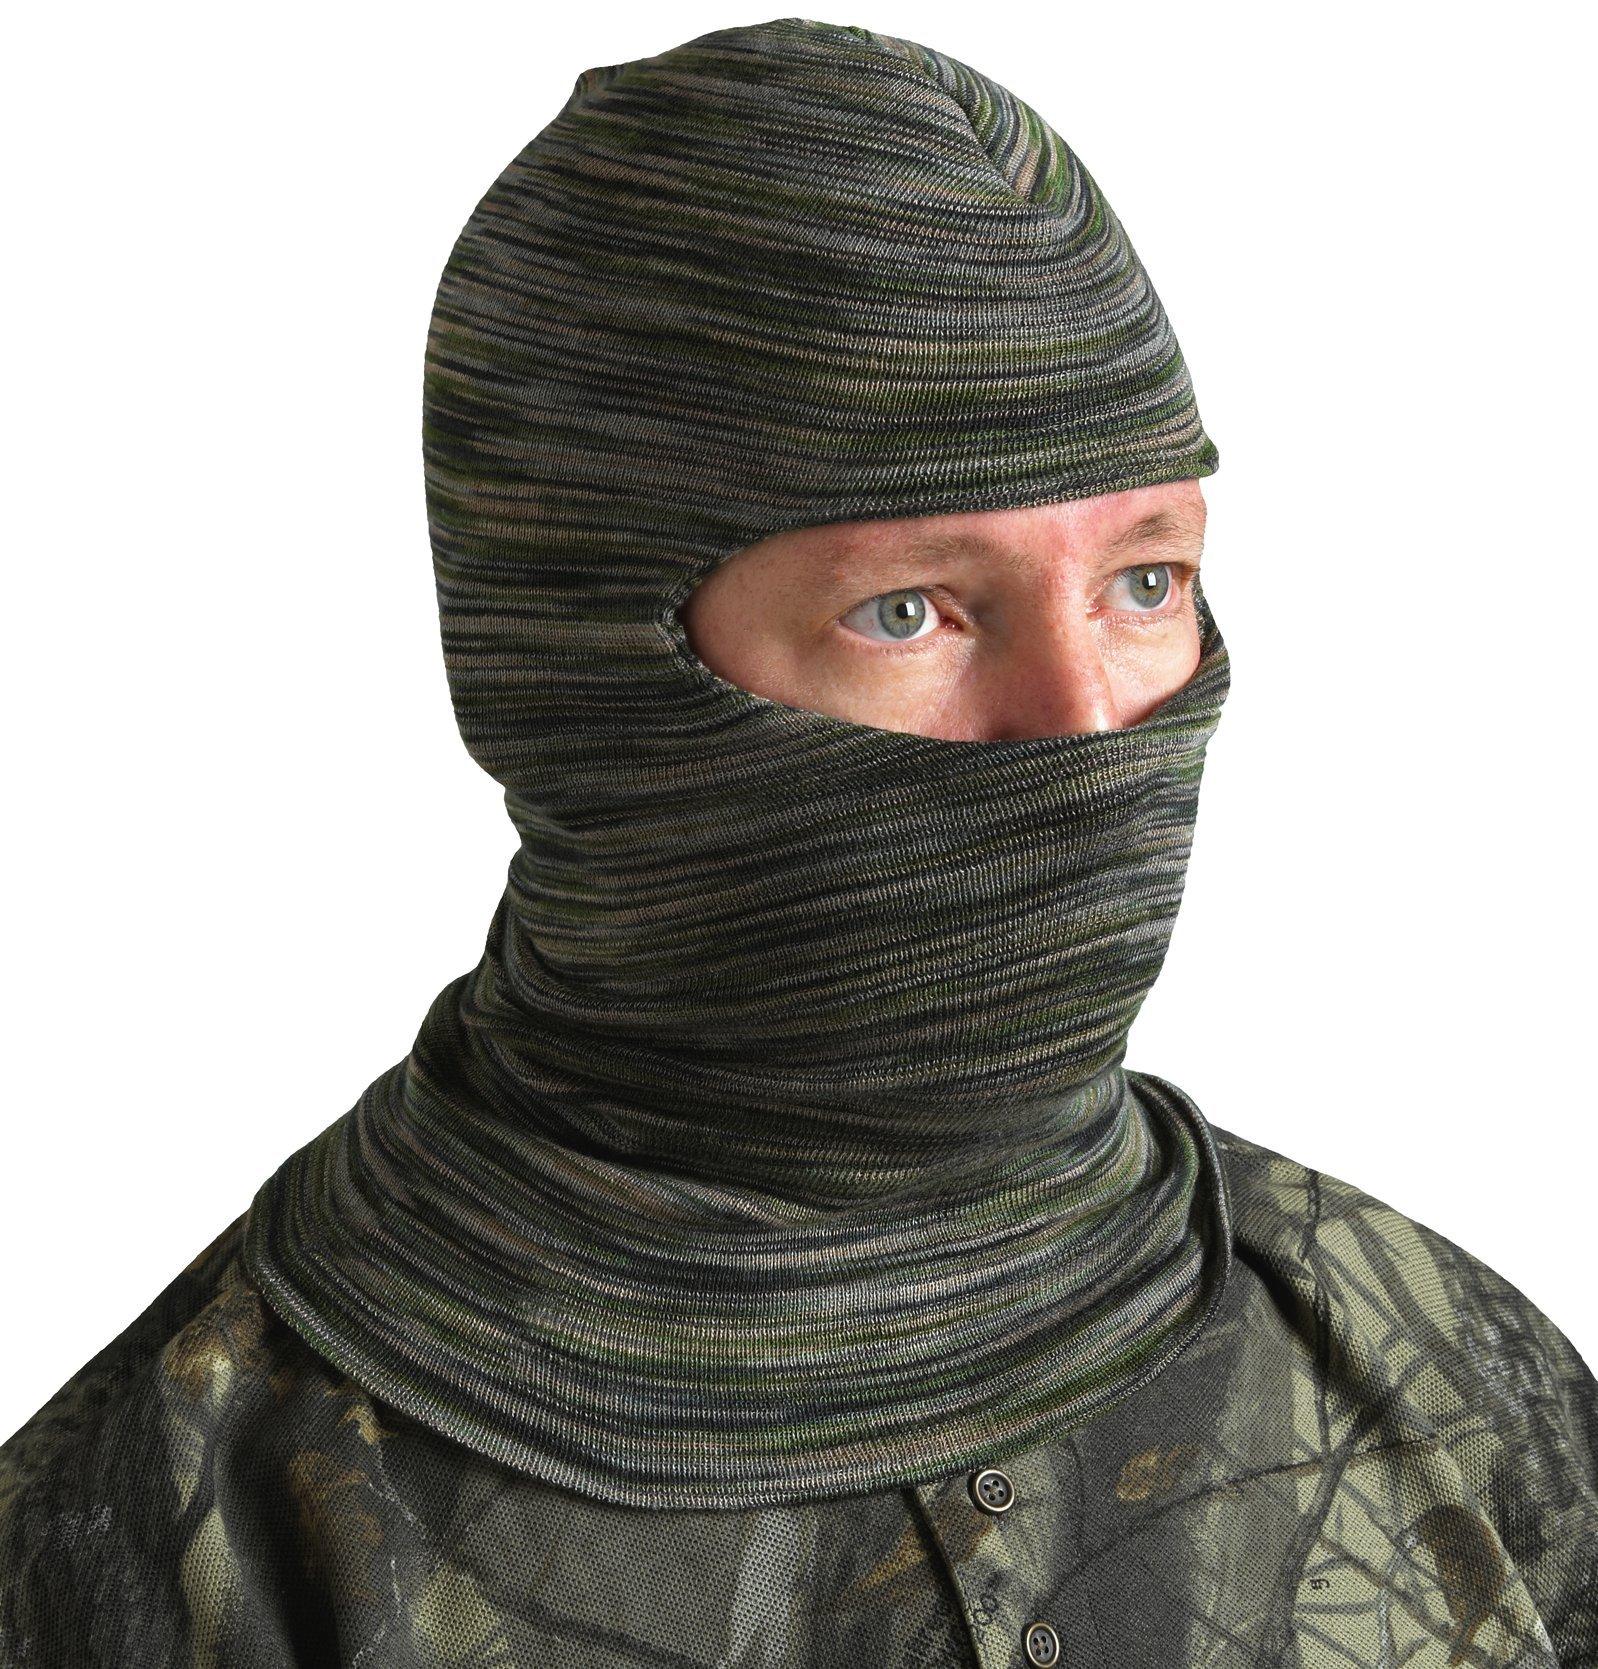 Alaska Game Alaska Camo Face Mask